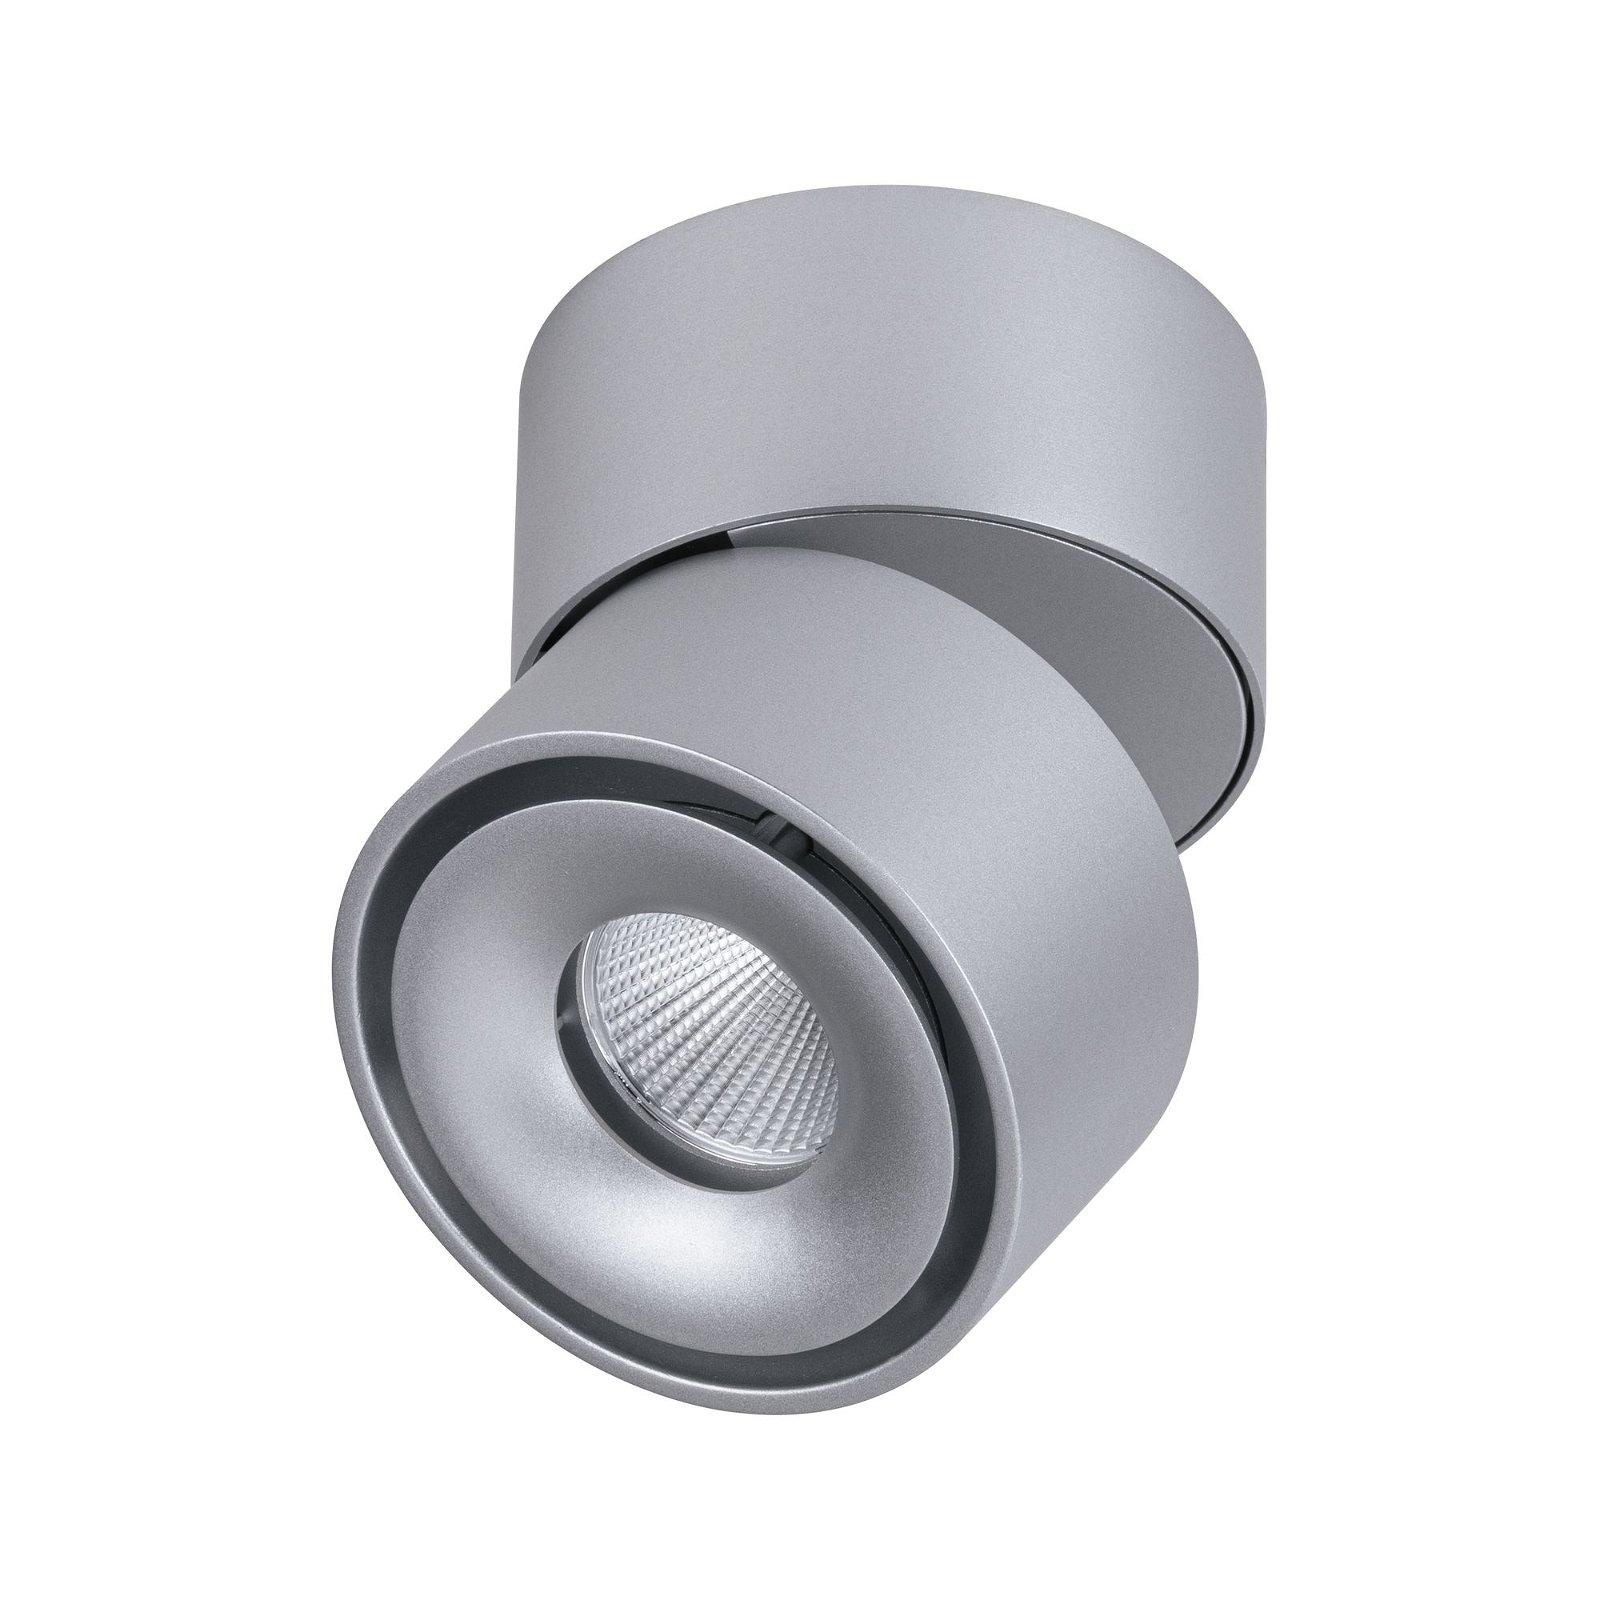 LED Deckenleuchte Spircle 78mm 8,0W 780lm 230V 3000K Chrom matt